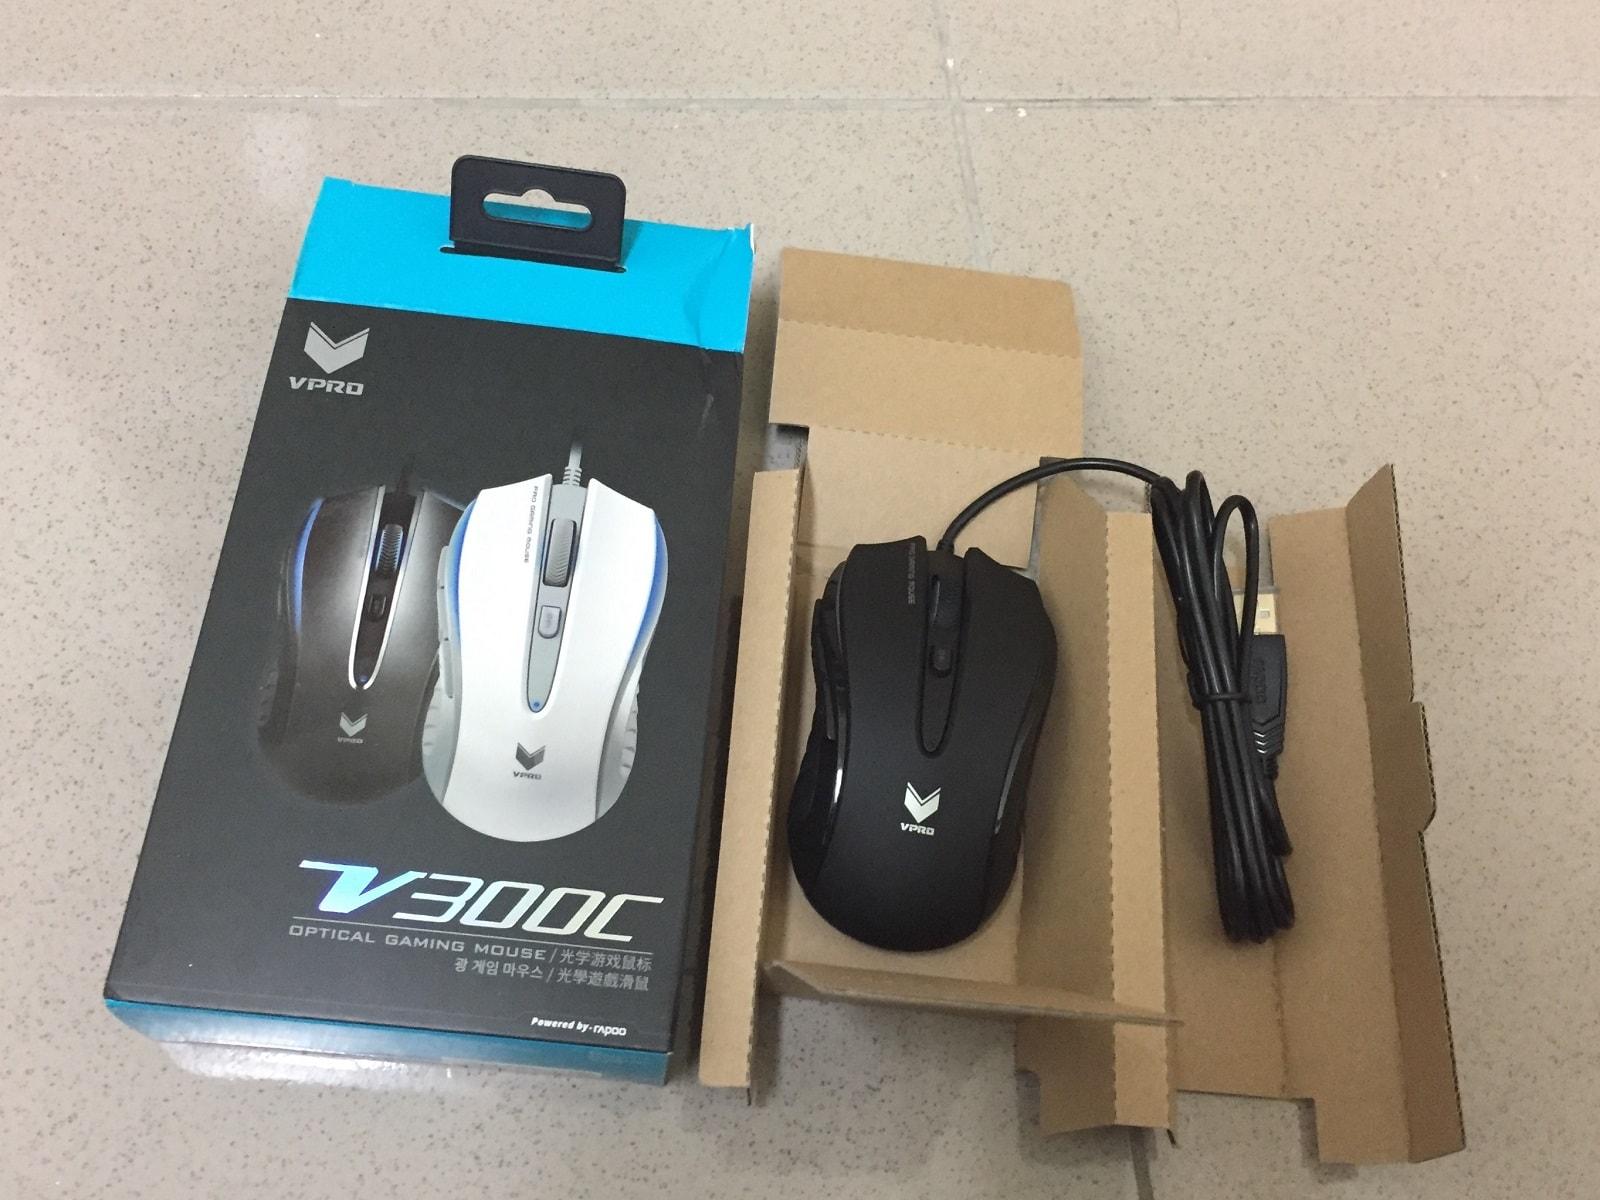 雷柏 V300C 滑鼠